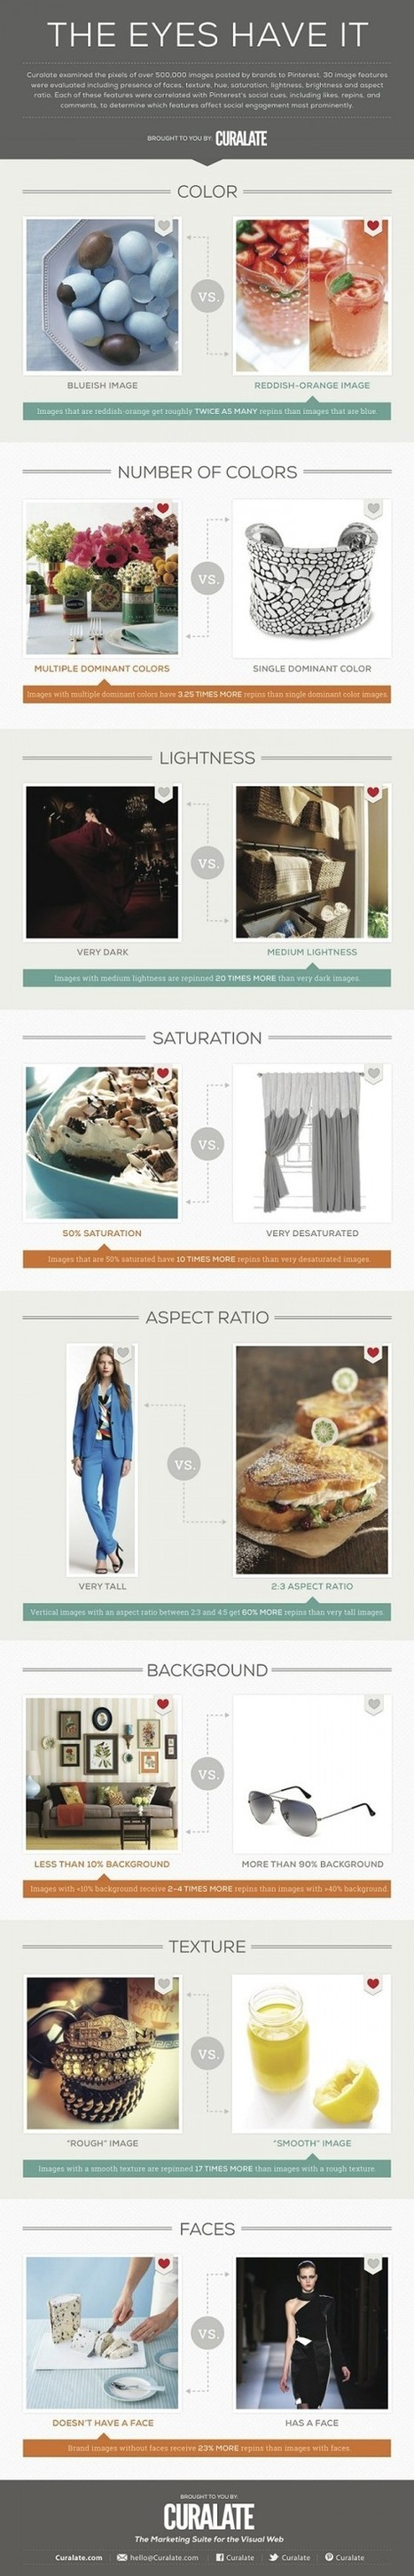 [Pinterest] Comment Optimiser vos Images pour Augmenter les Repins sur Pinterest? | Communication - Marketing - Web_Mode Pause | Scoop.it